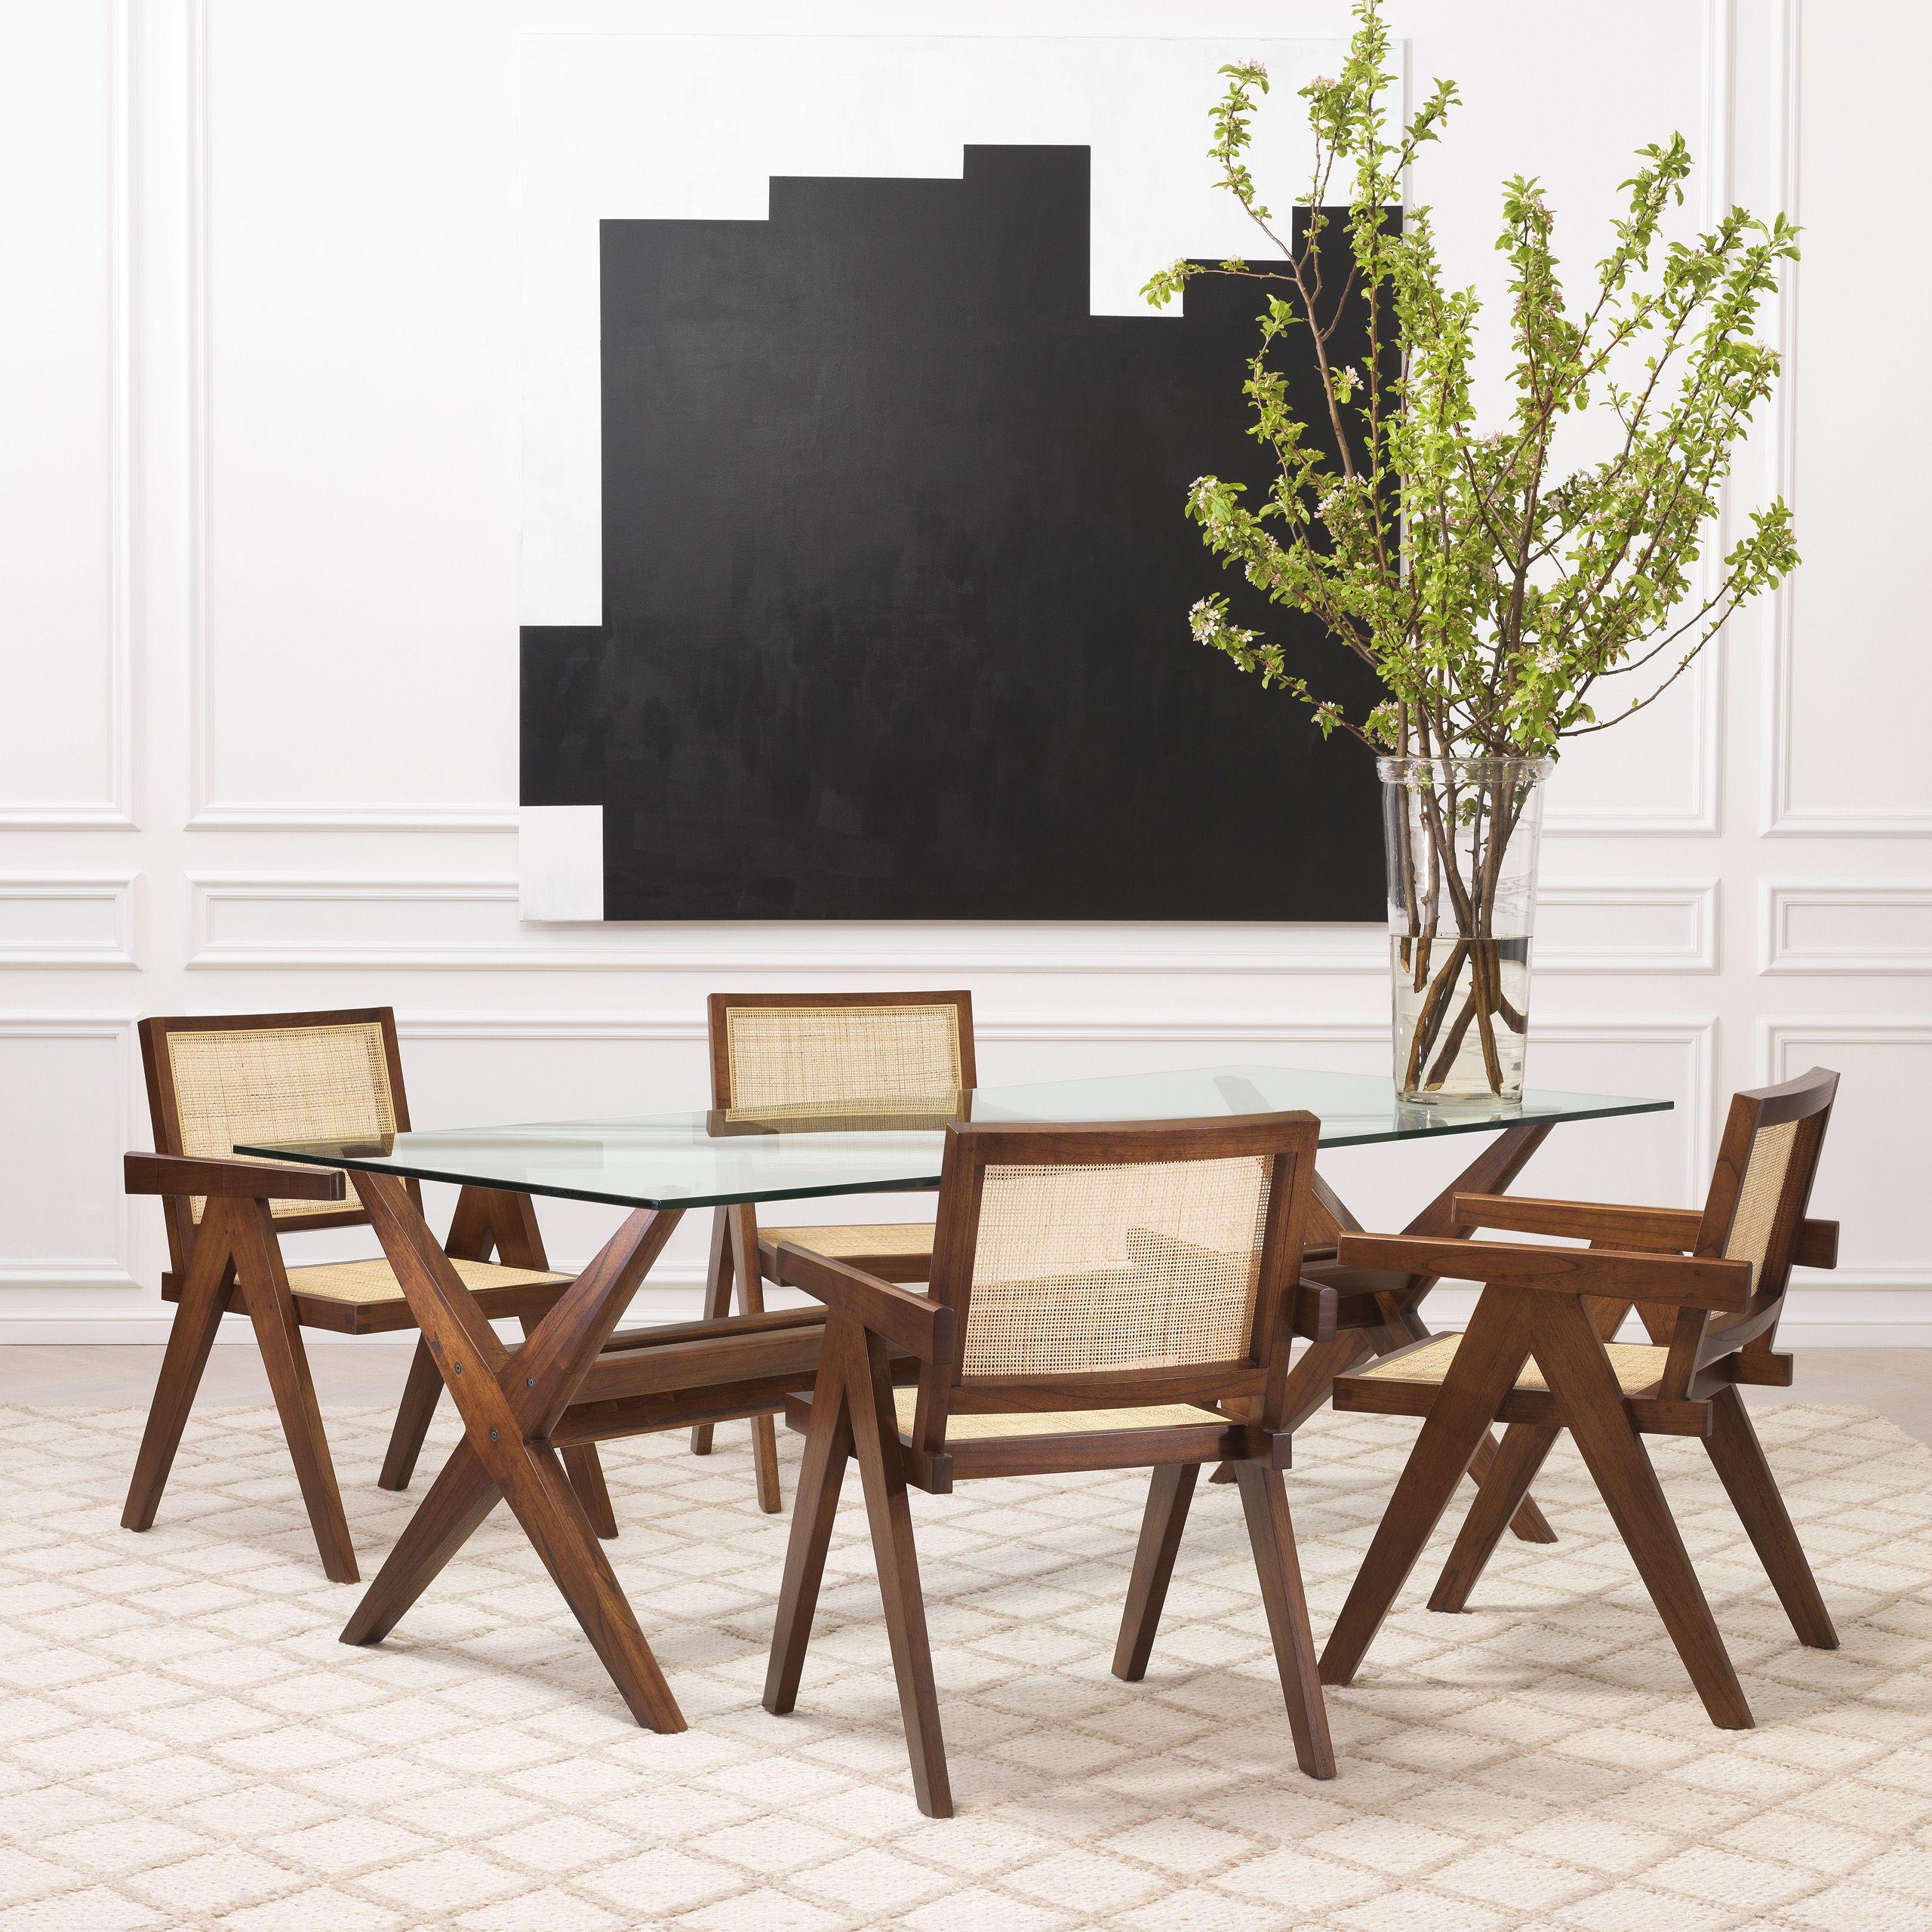 eichholtz-aristide-dining-chair-brown